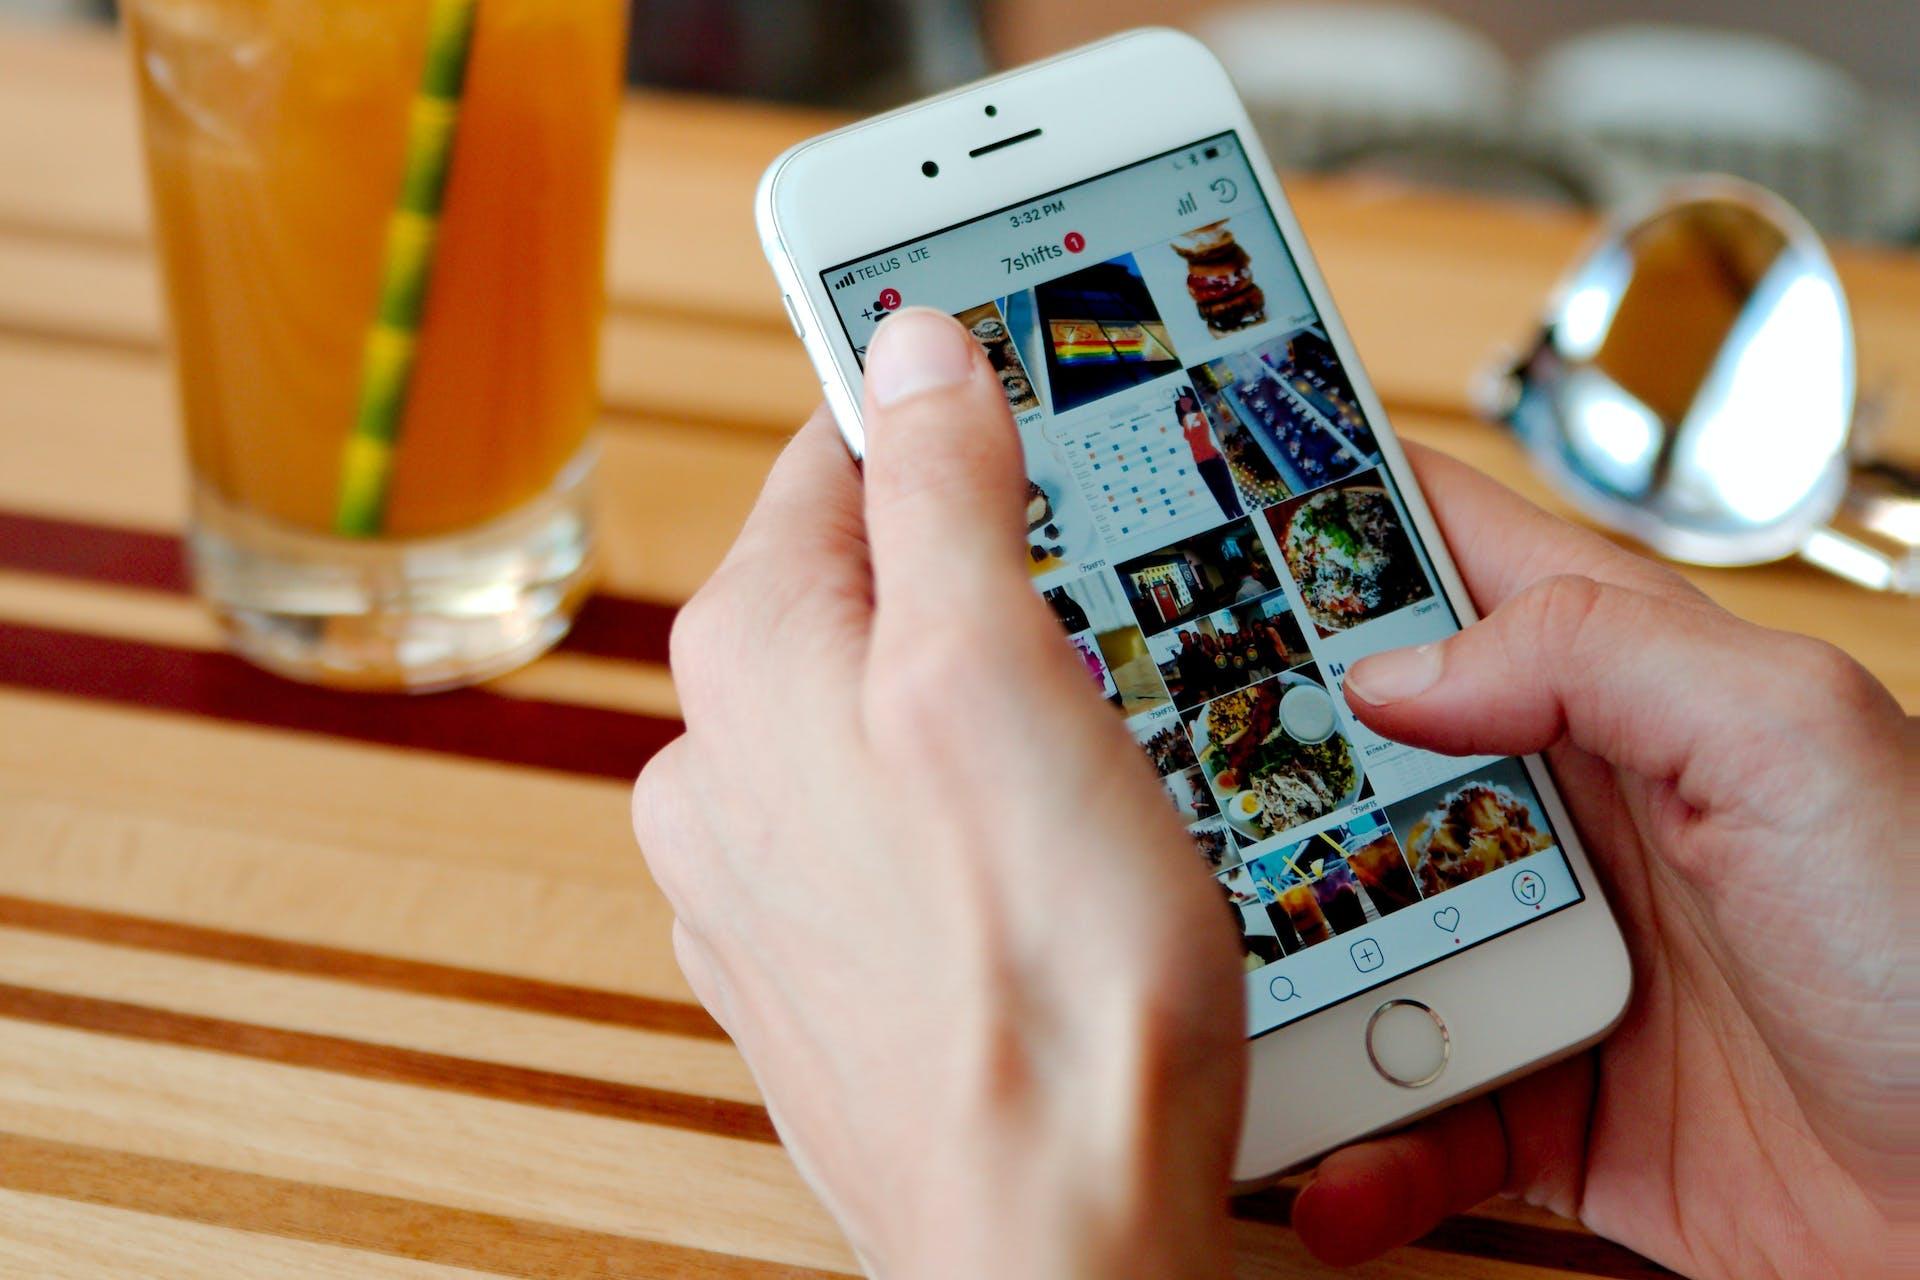 Foto von weiblichen Händen, die ein weißes Smartphone halten, bei dem der Instagram Feed offen ist